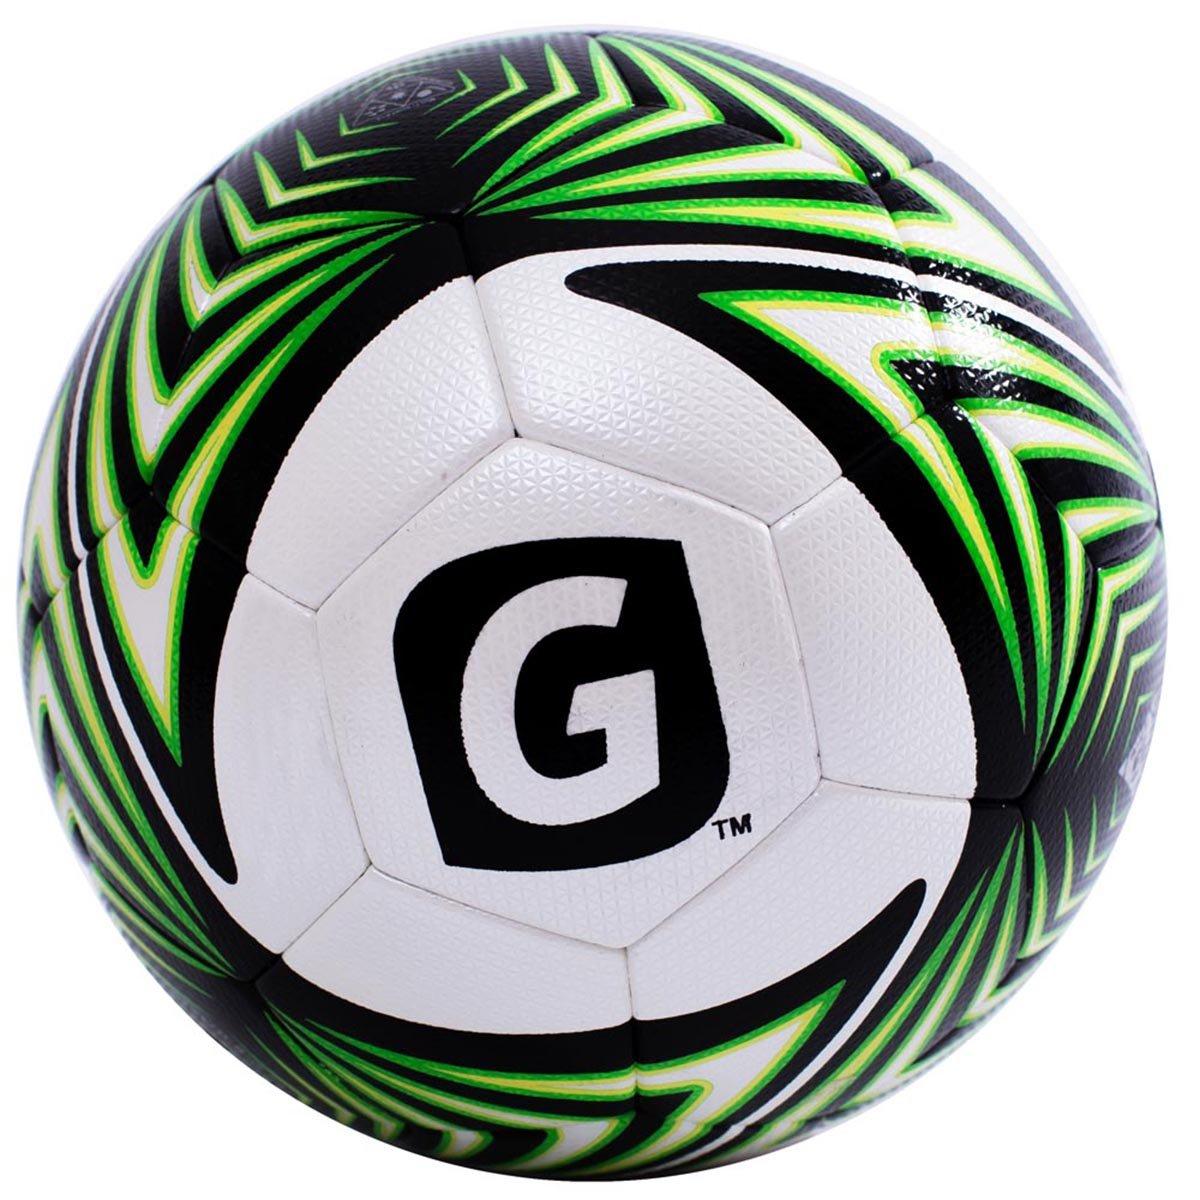 Glory Sports公式サイズPU一致とCompetitionサーモボンディングサッカーボール B01C5G0RRCグリーン 5